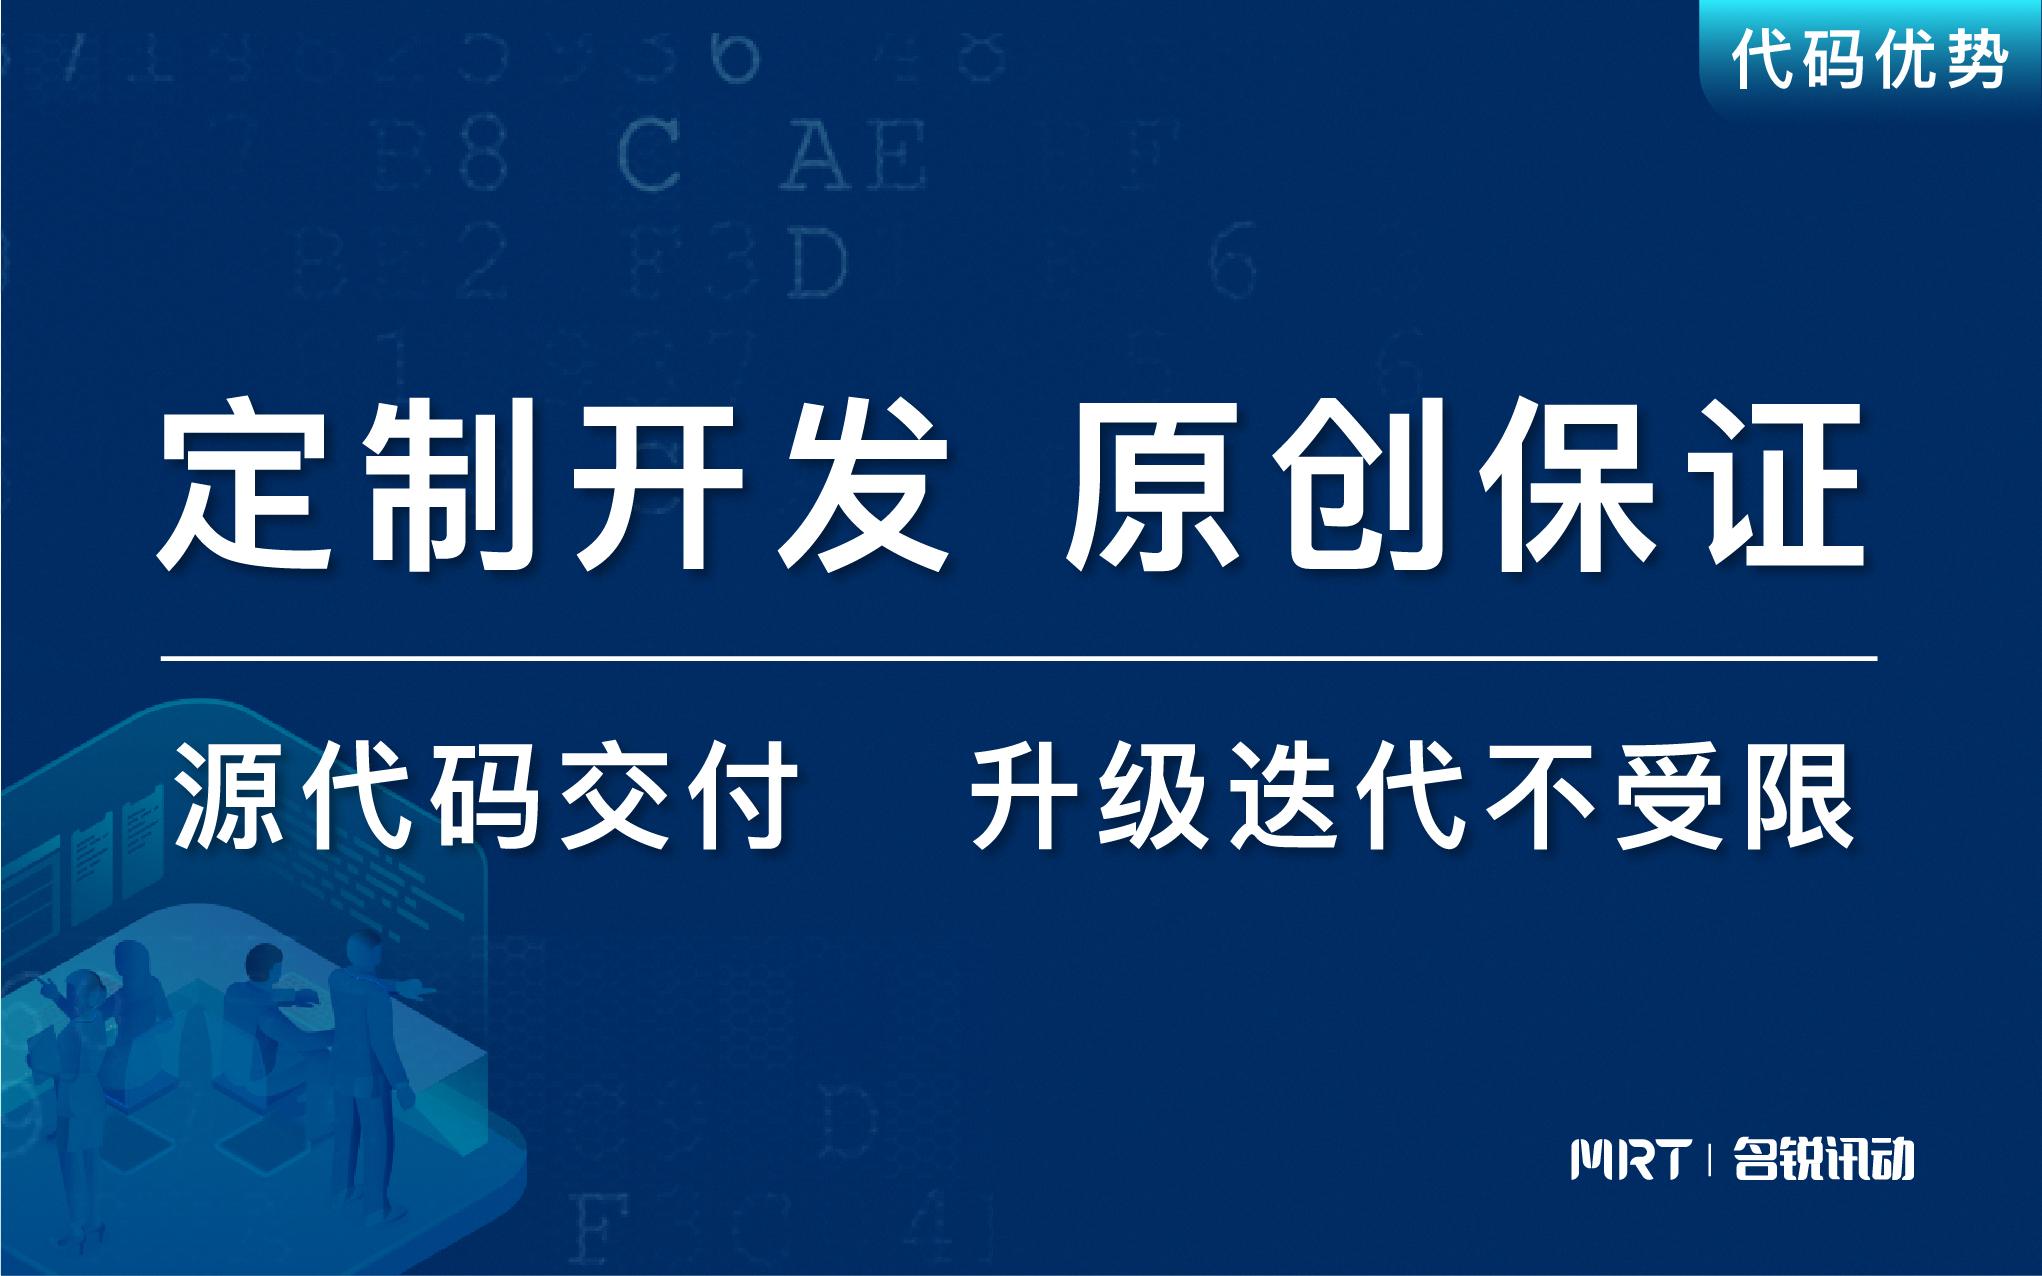 微信小程序开发|社交电商新零售门店管理系统进销存核销预约系统